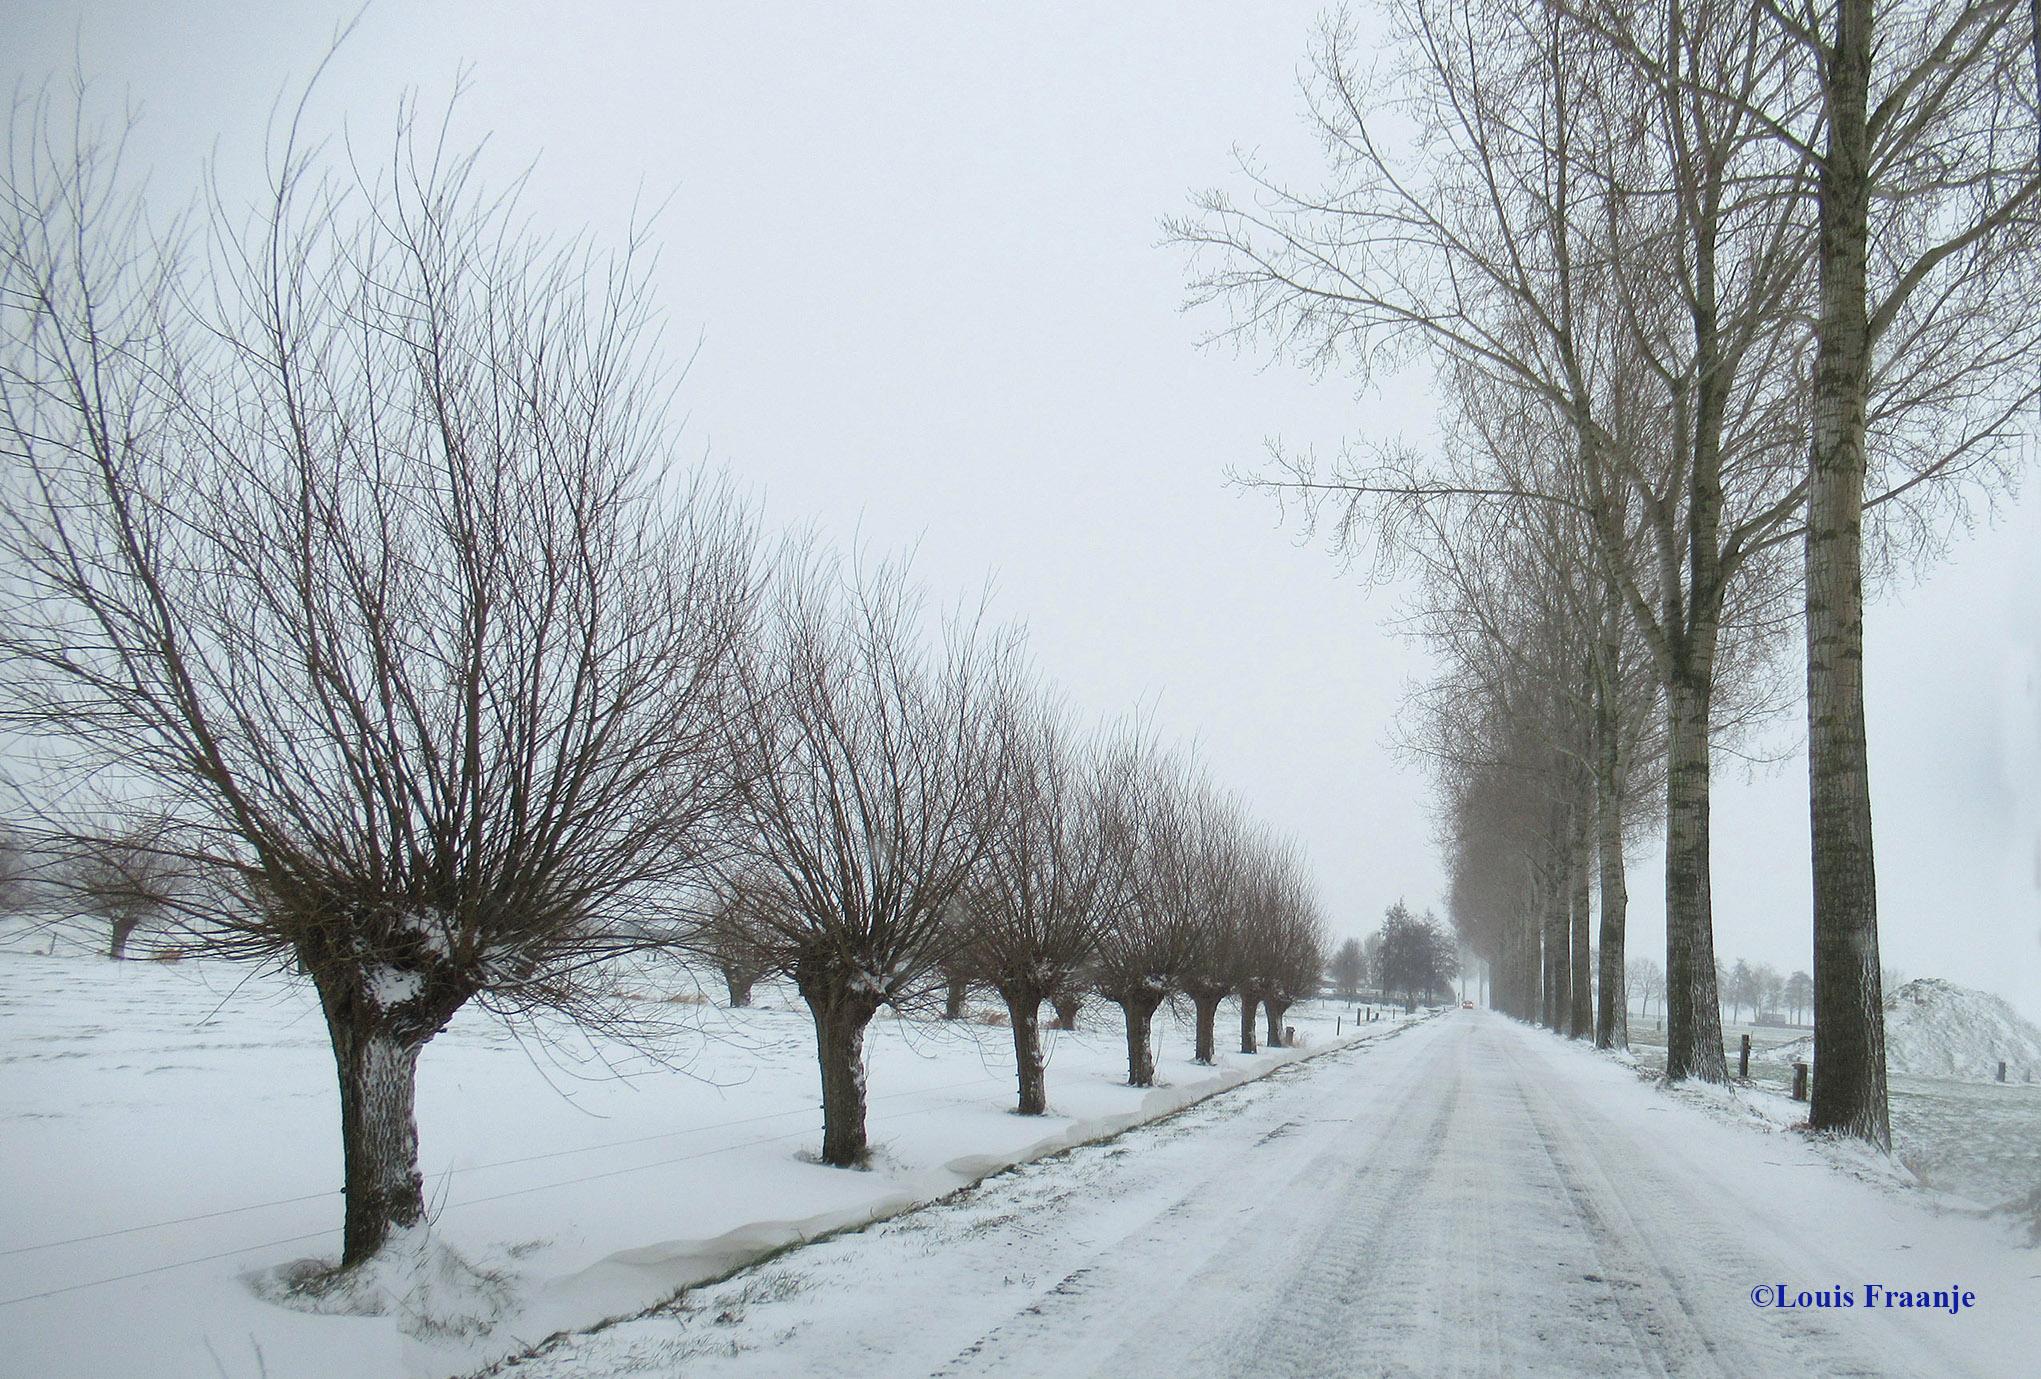 Wilgen en populieren geven de Eemweg meer charme - Foto: ©Louis Fraanje